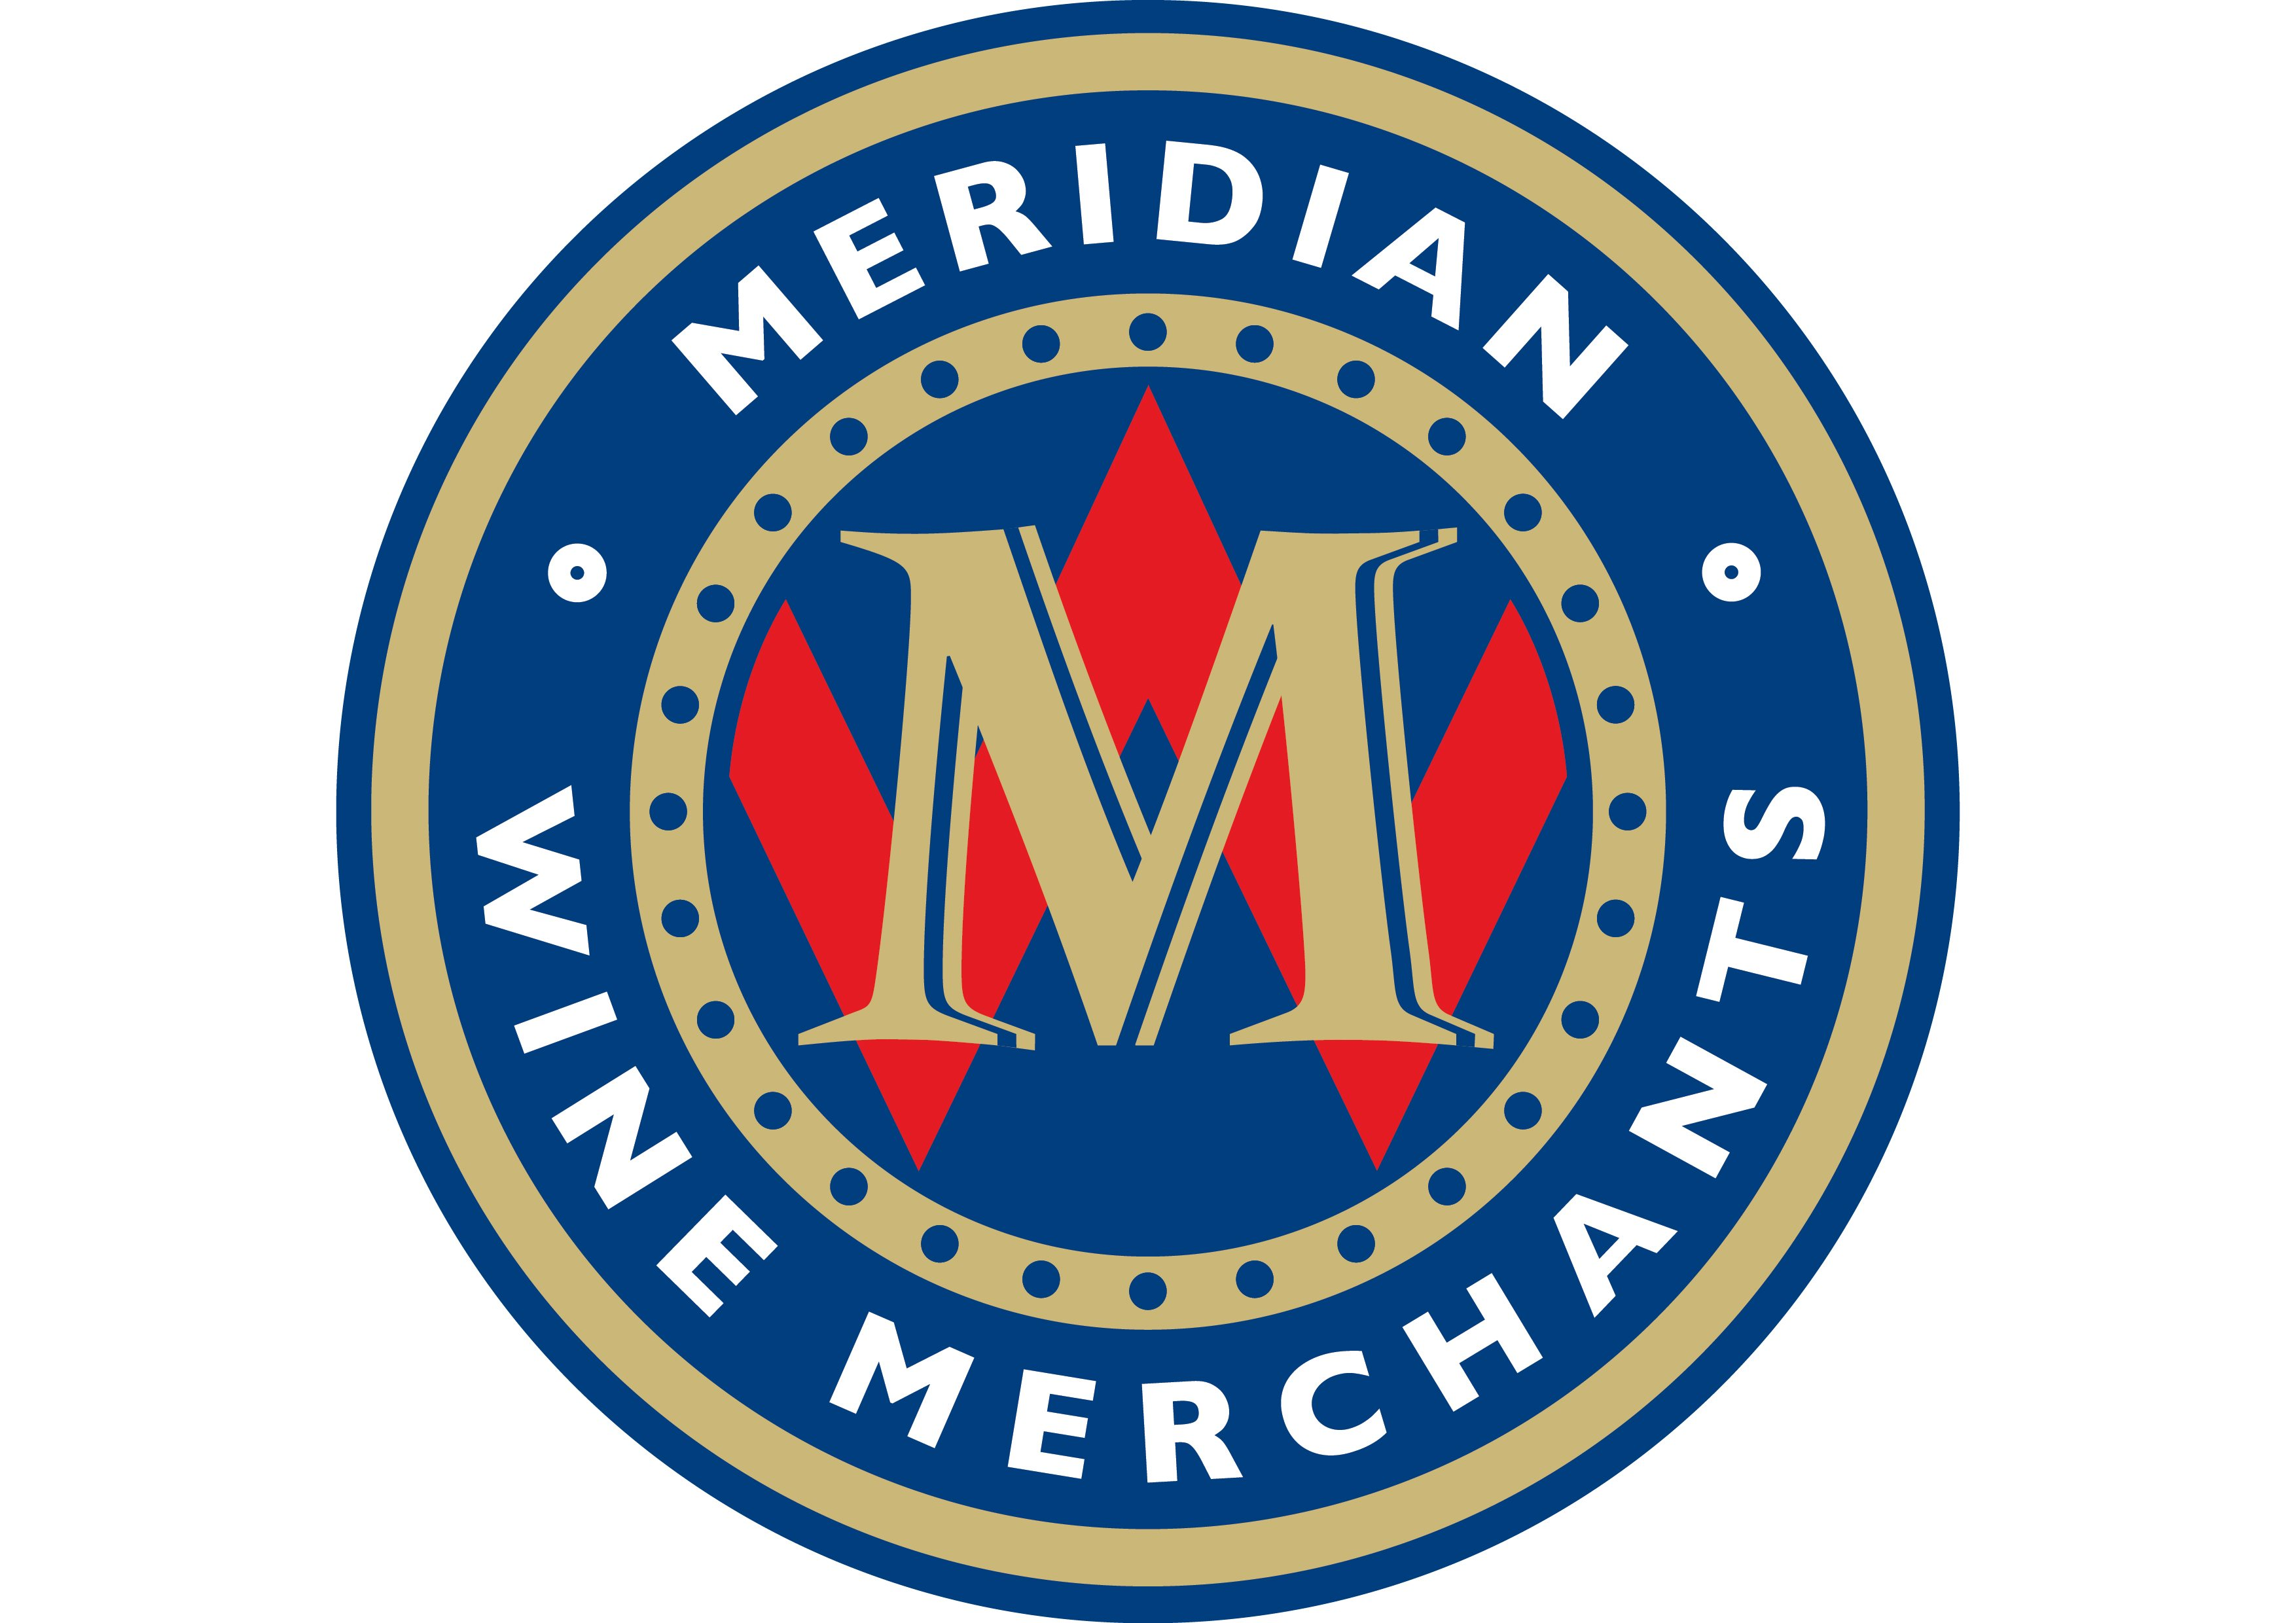 Meridian wine Merchants